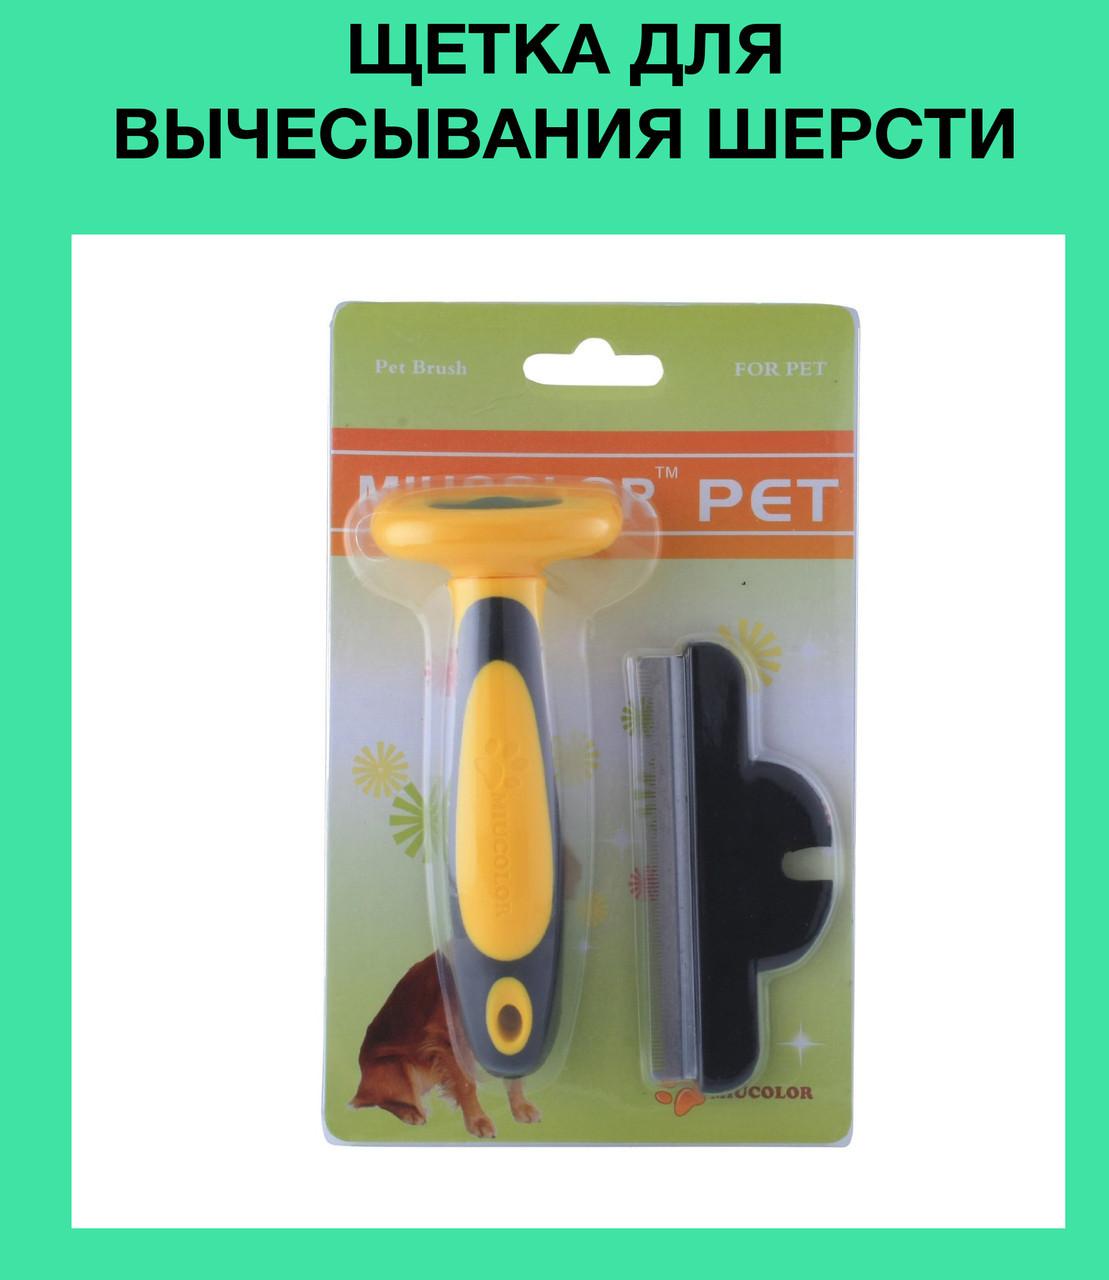 """Pet Care 4inch щетка для вычесывания шерсти у животных!Опт - Магазин """"Налетай-ка"""" в Одессе"""